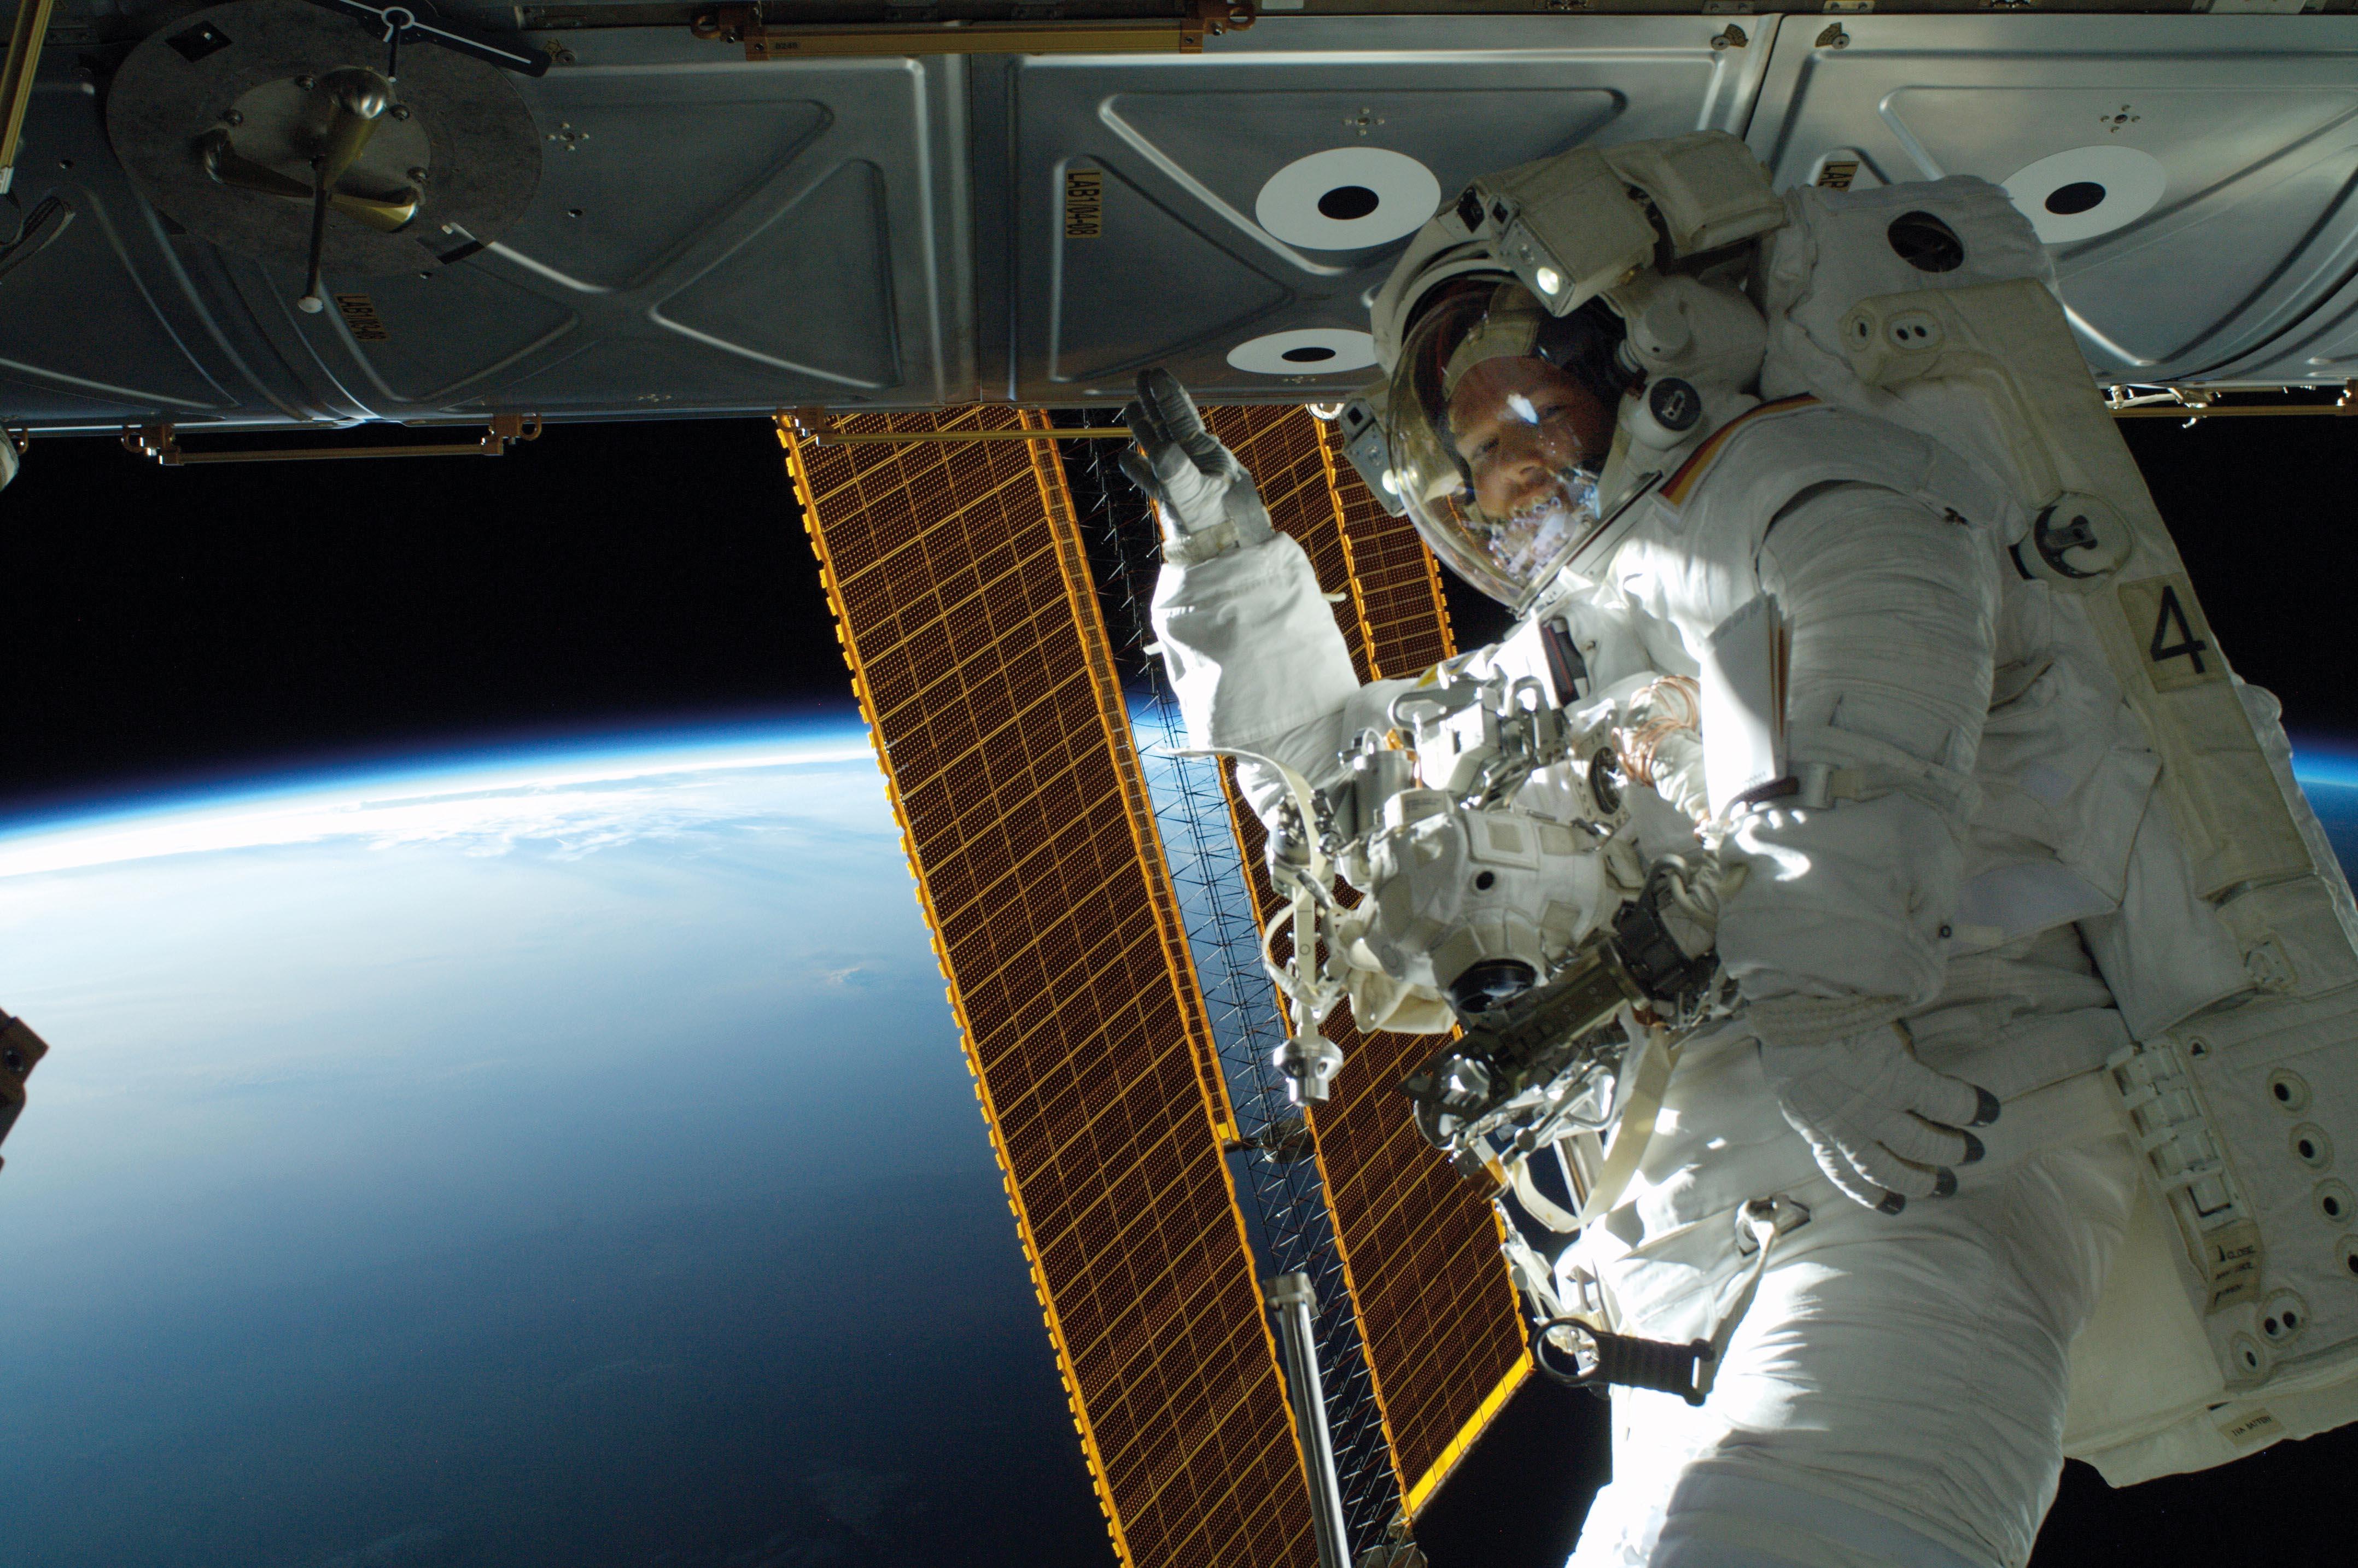 Bilddatei: Orbit_Alexander_Gerst_spacewalk_kl_(C)ESA,NASA.jpg